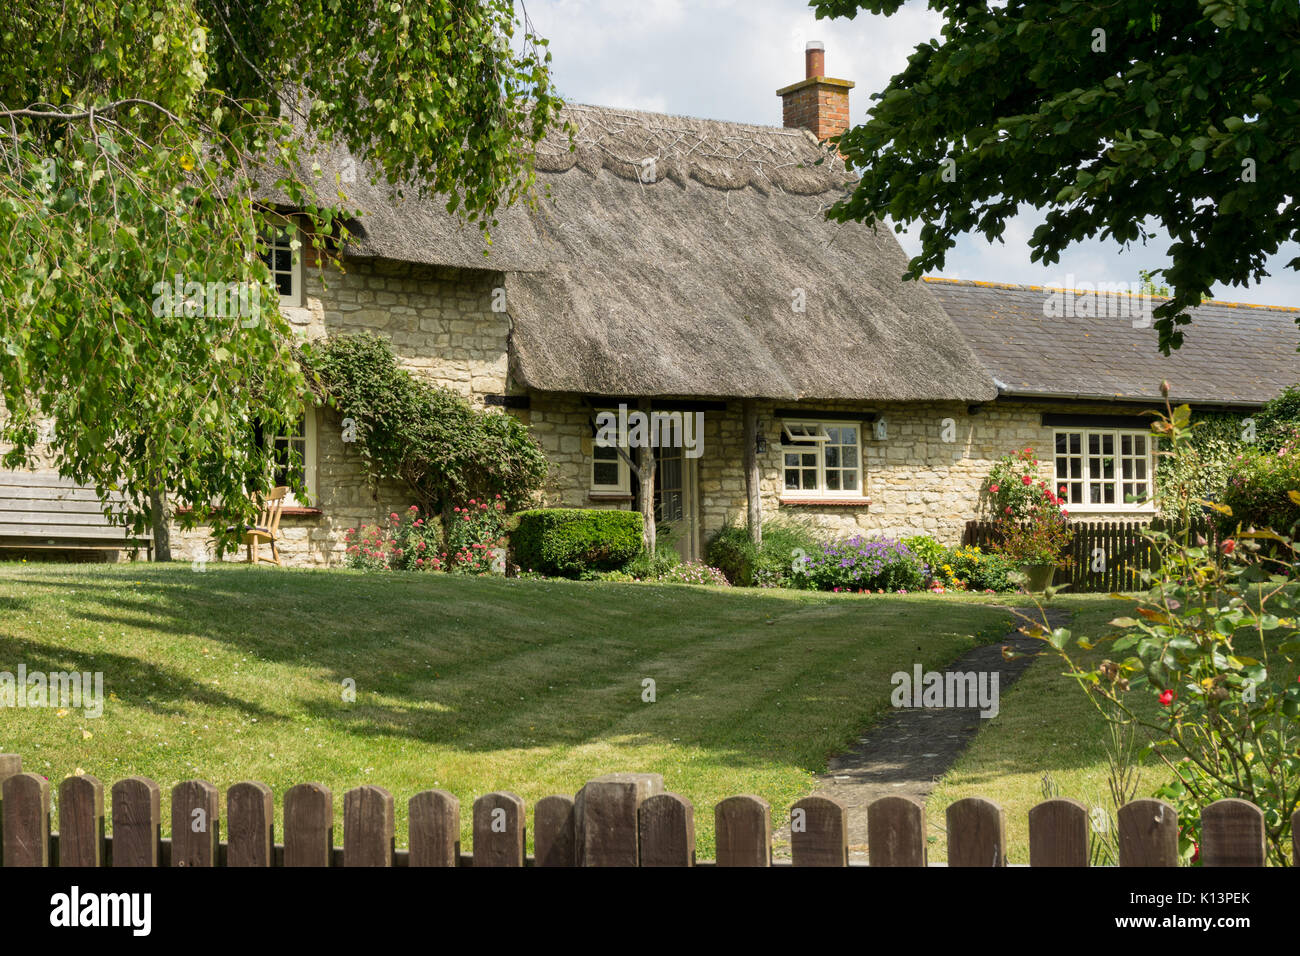 Separada de la casa construida de piedra con techo de paja ...